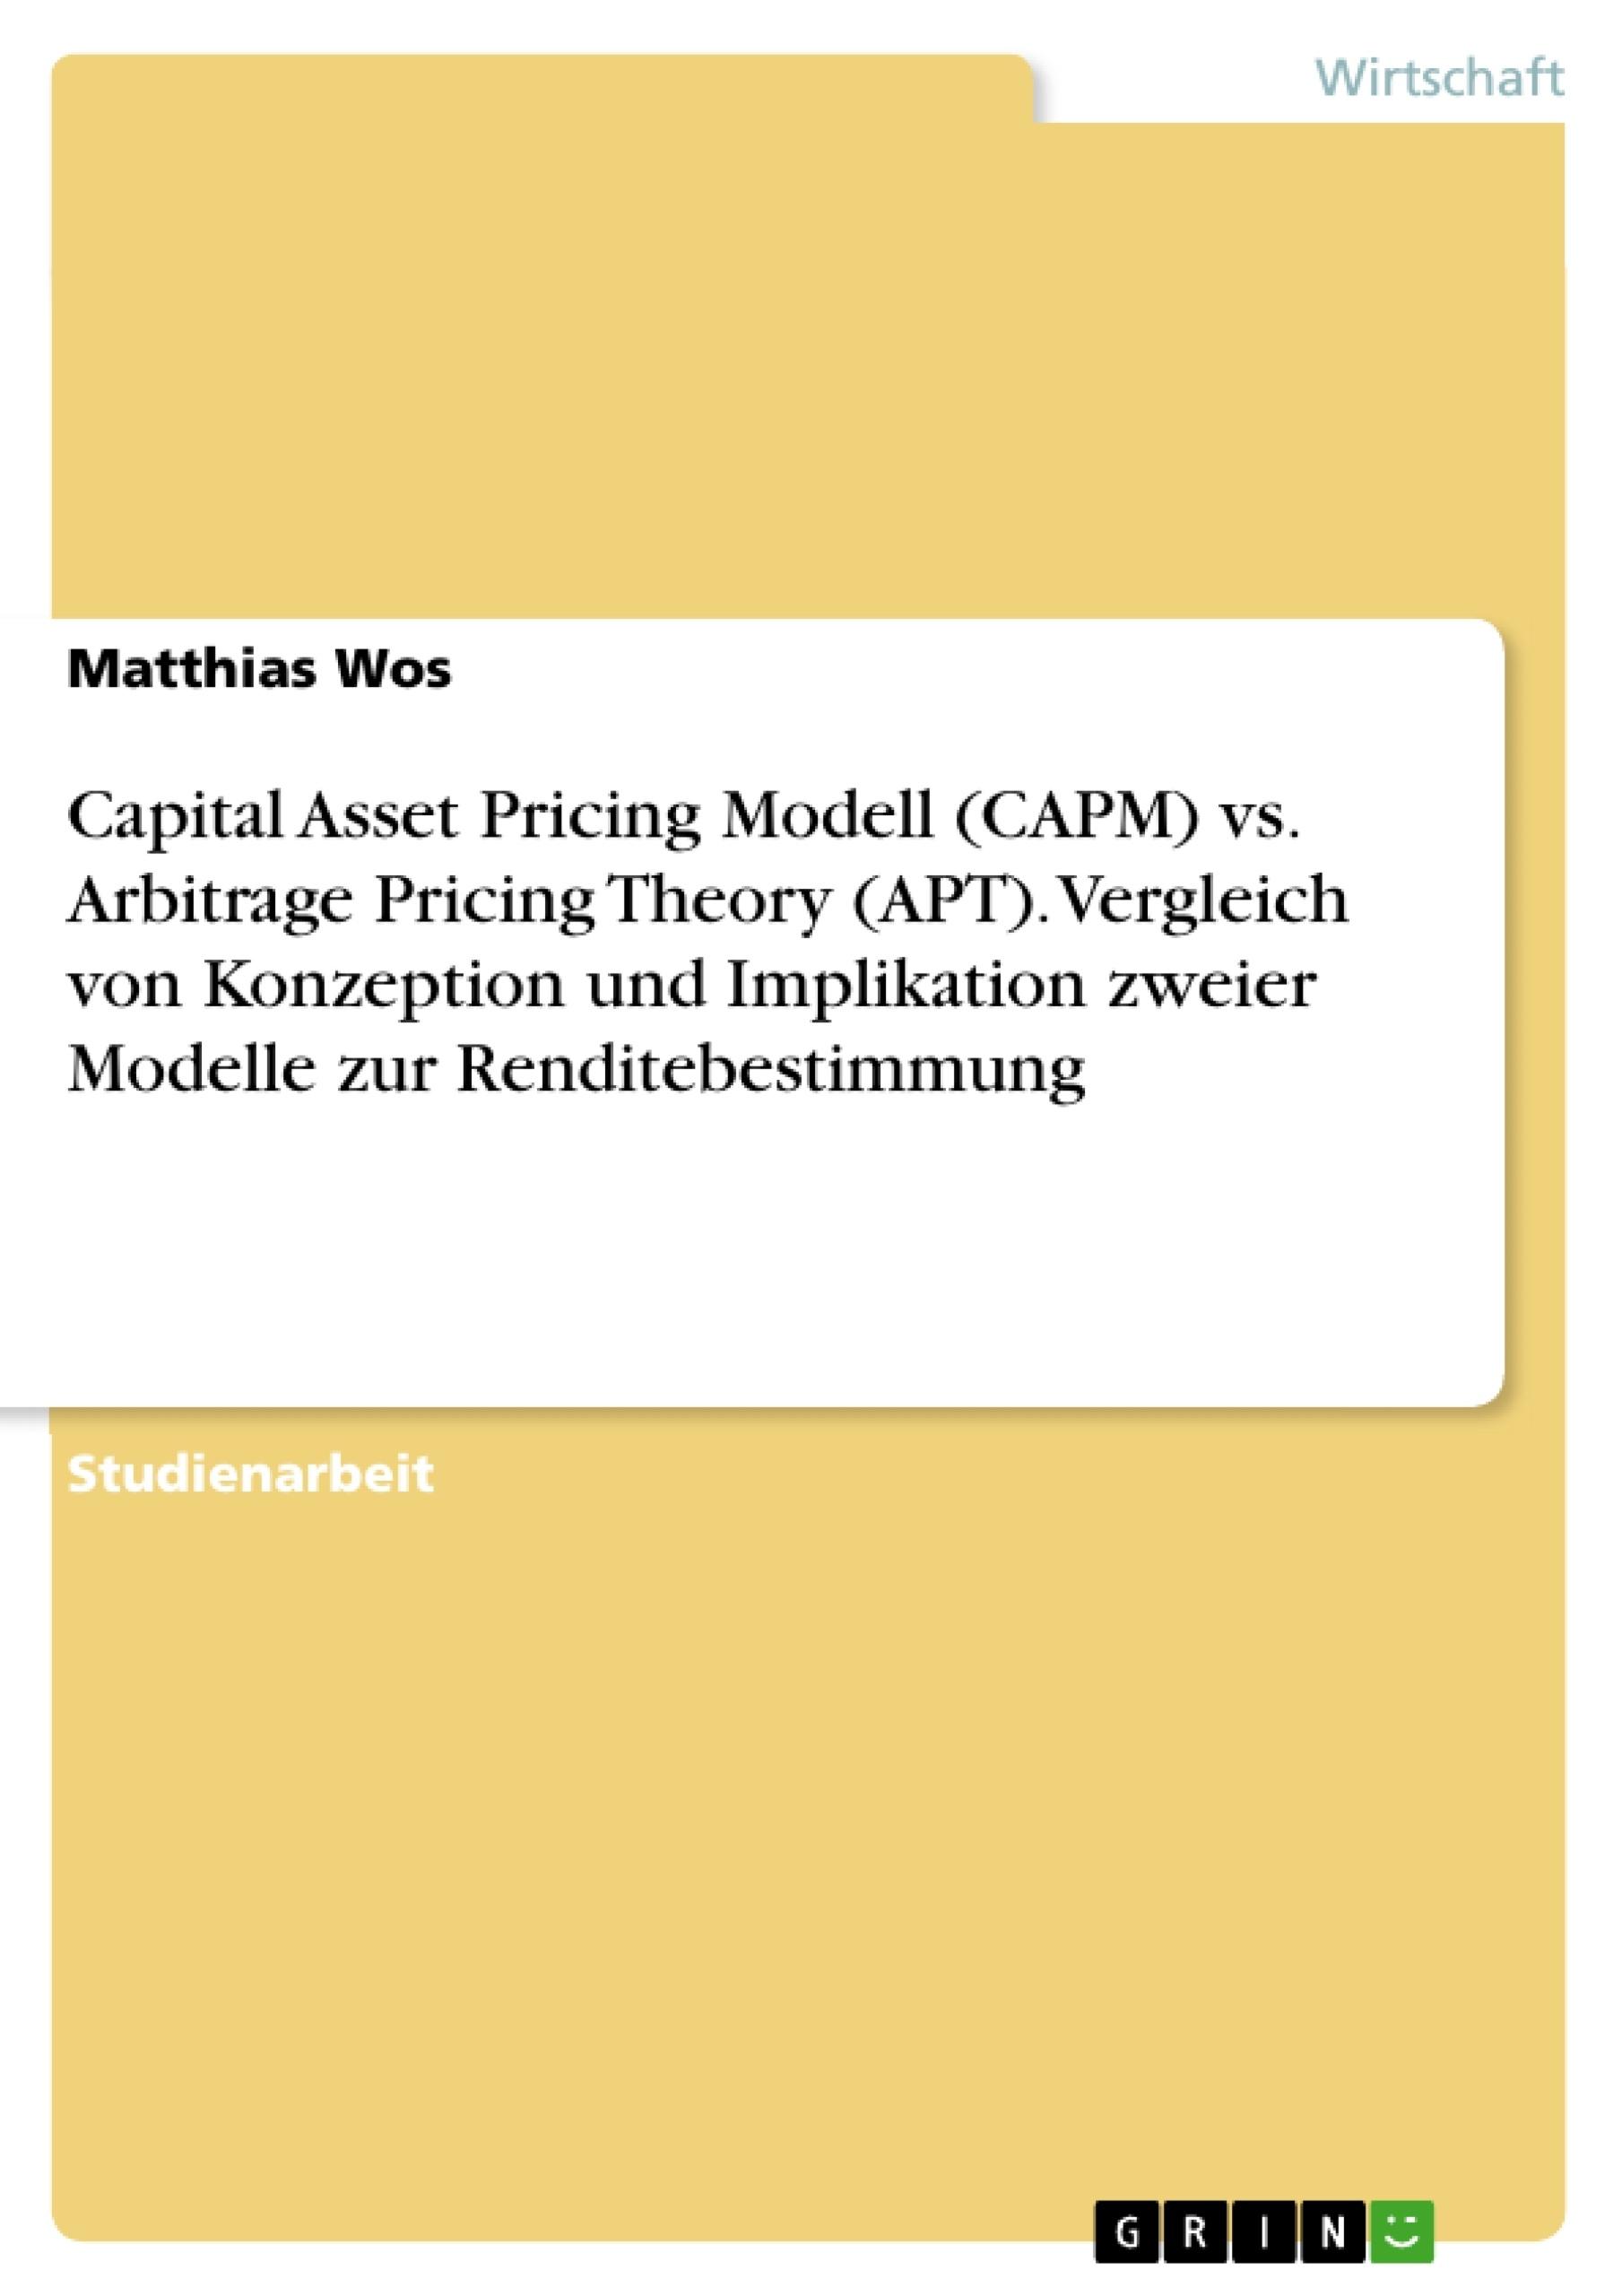 Titel: Capital Asset Pricing Modell (CAPM) vs. Arbitrage Pricing Theory (APT). Vergleich von Konzeption und Implikation zweier Modelle zur Renditebestimmung